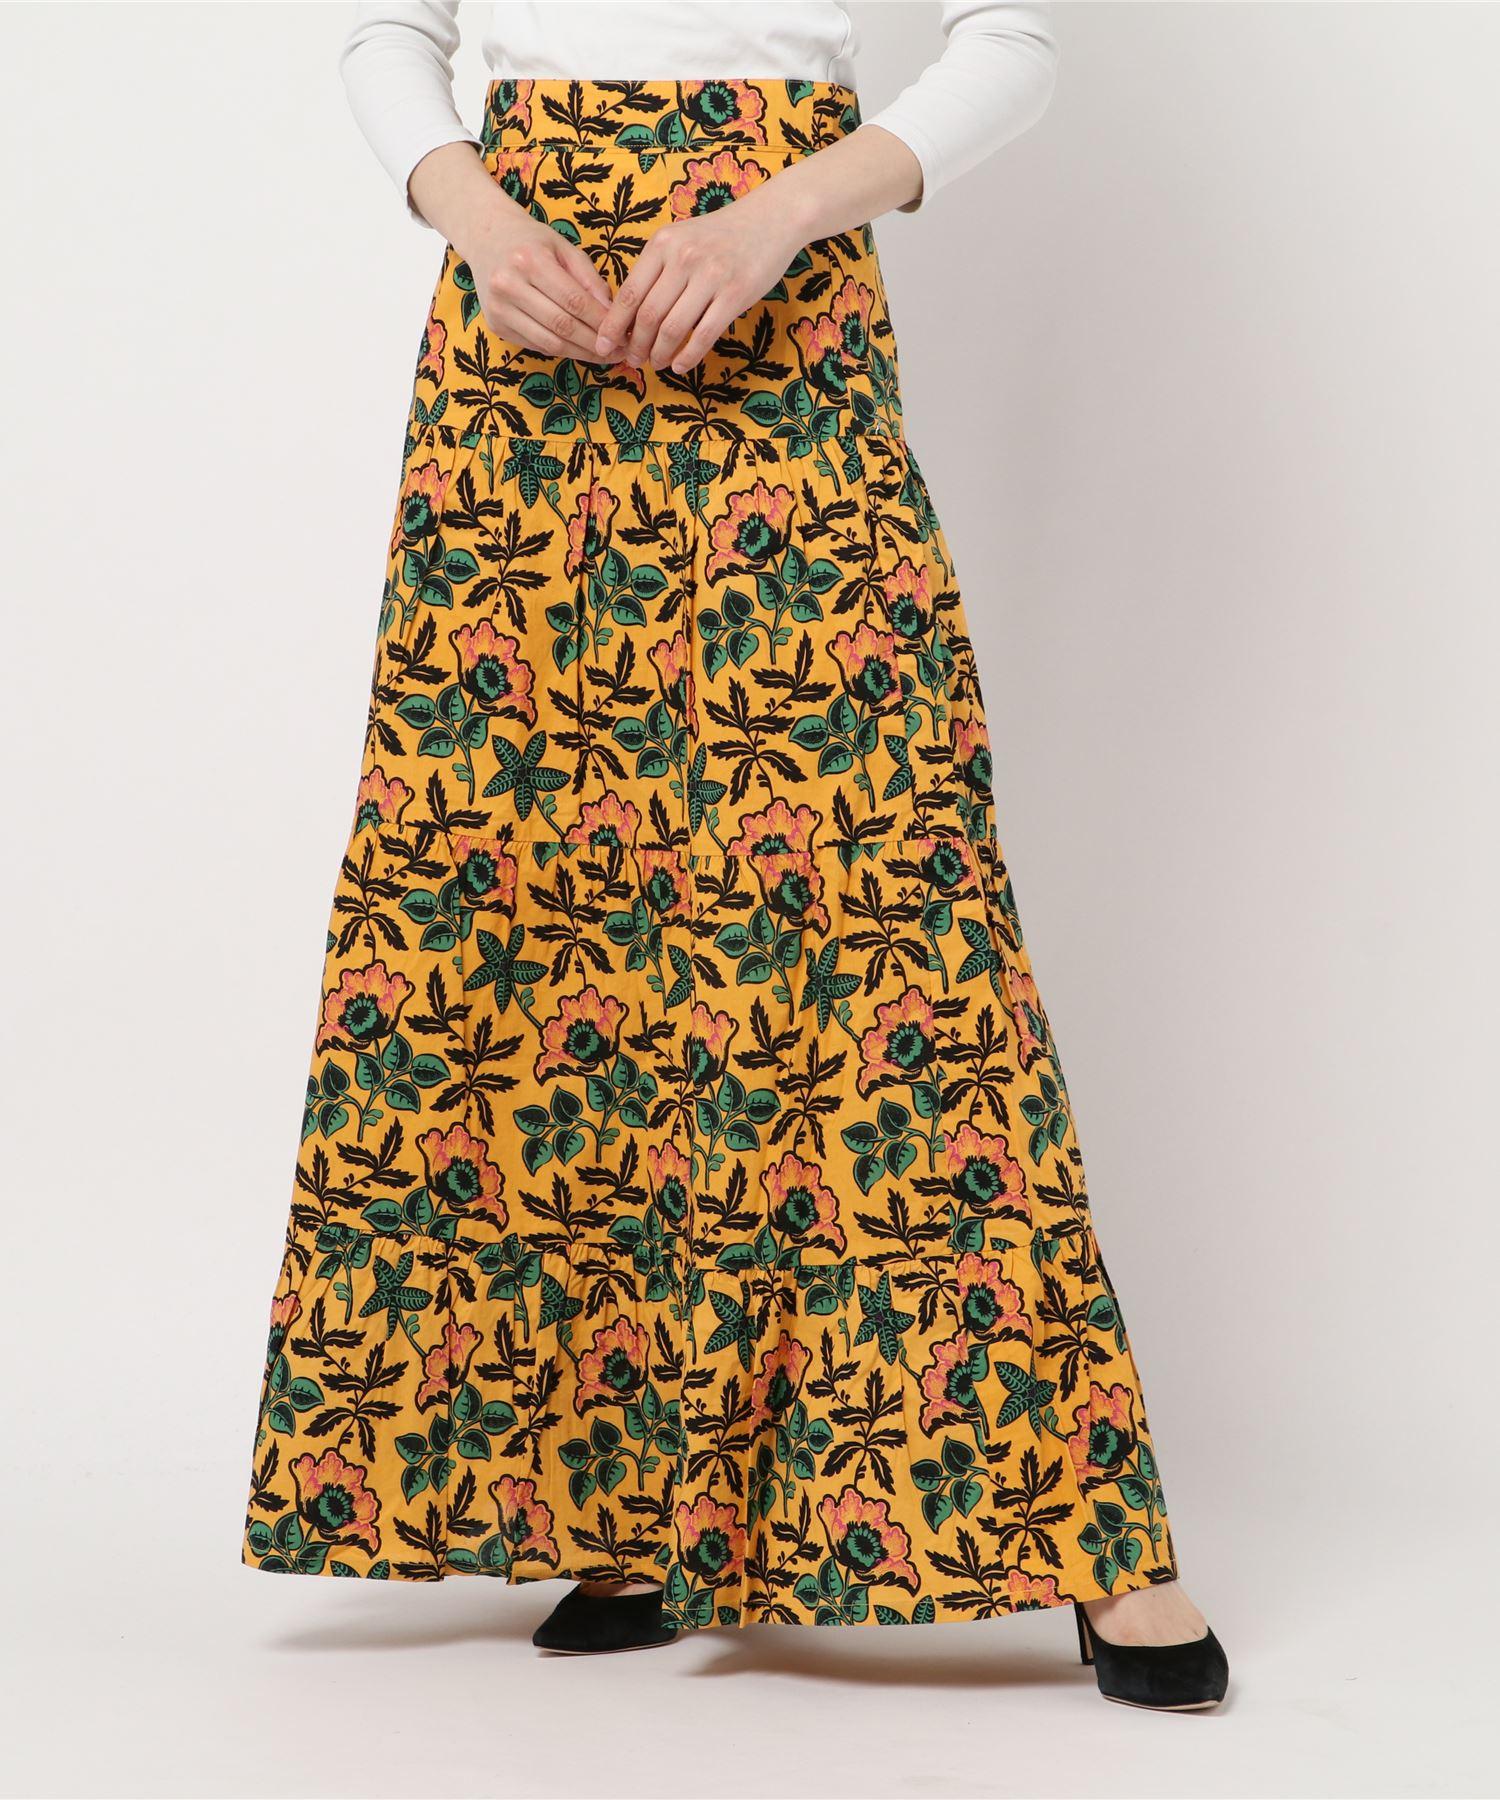 SCOTCH & SODA スコッチアンドソーダ / ボタニカル柄マキシスカート